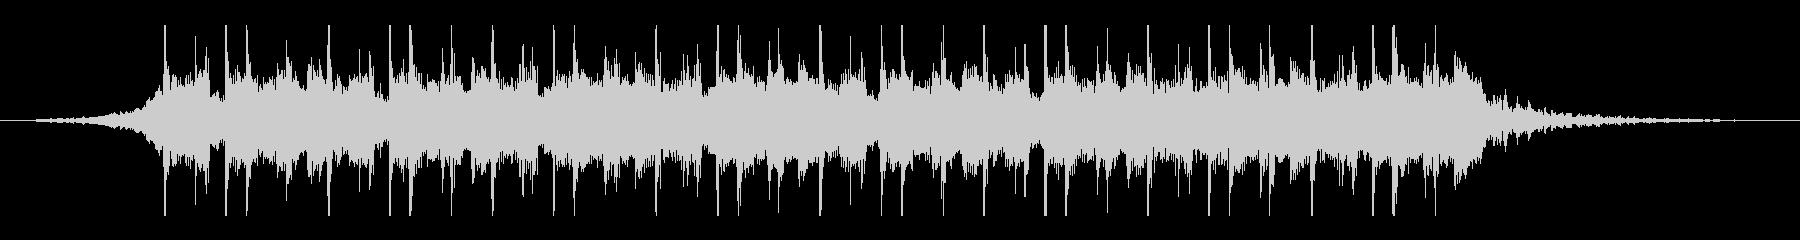 ラマダン(26秒)の未再生の波形